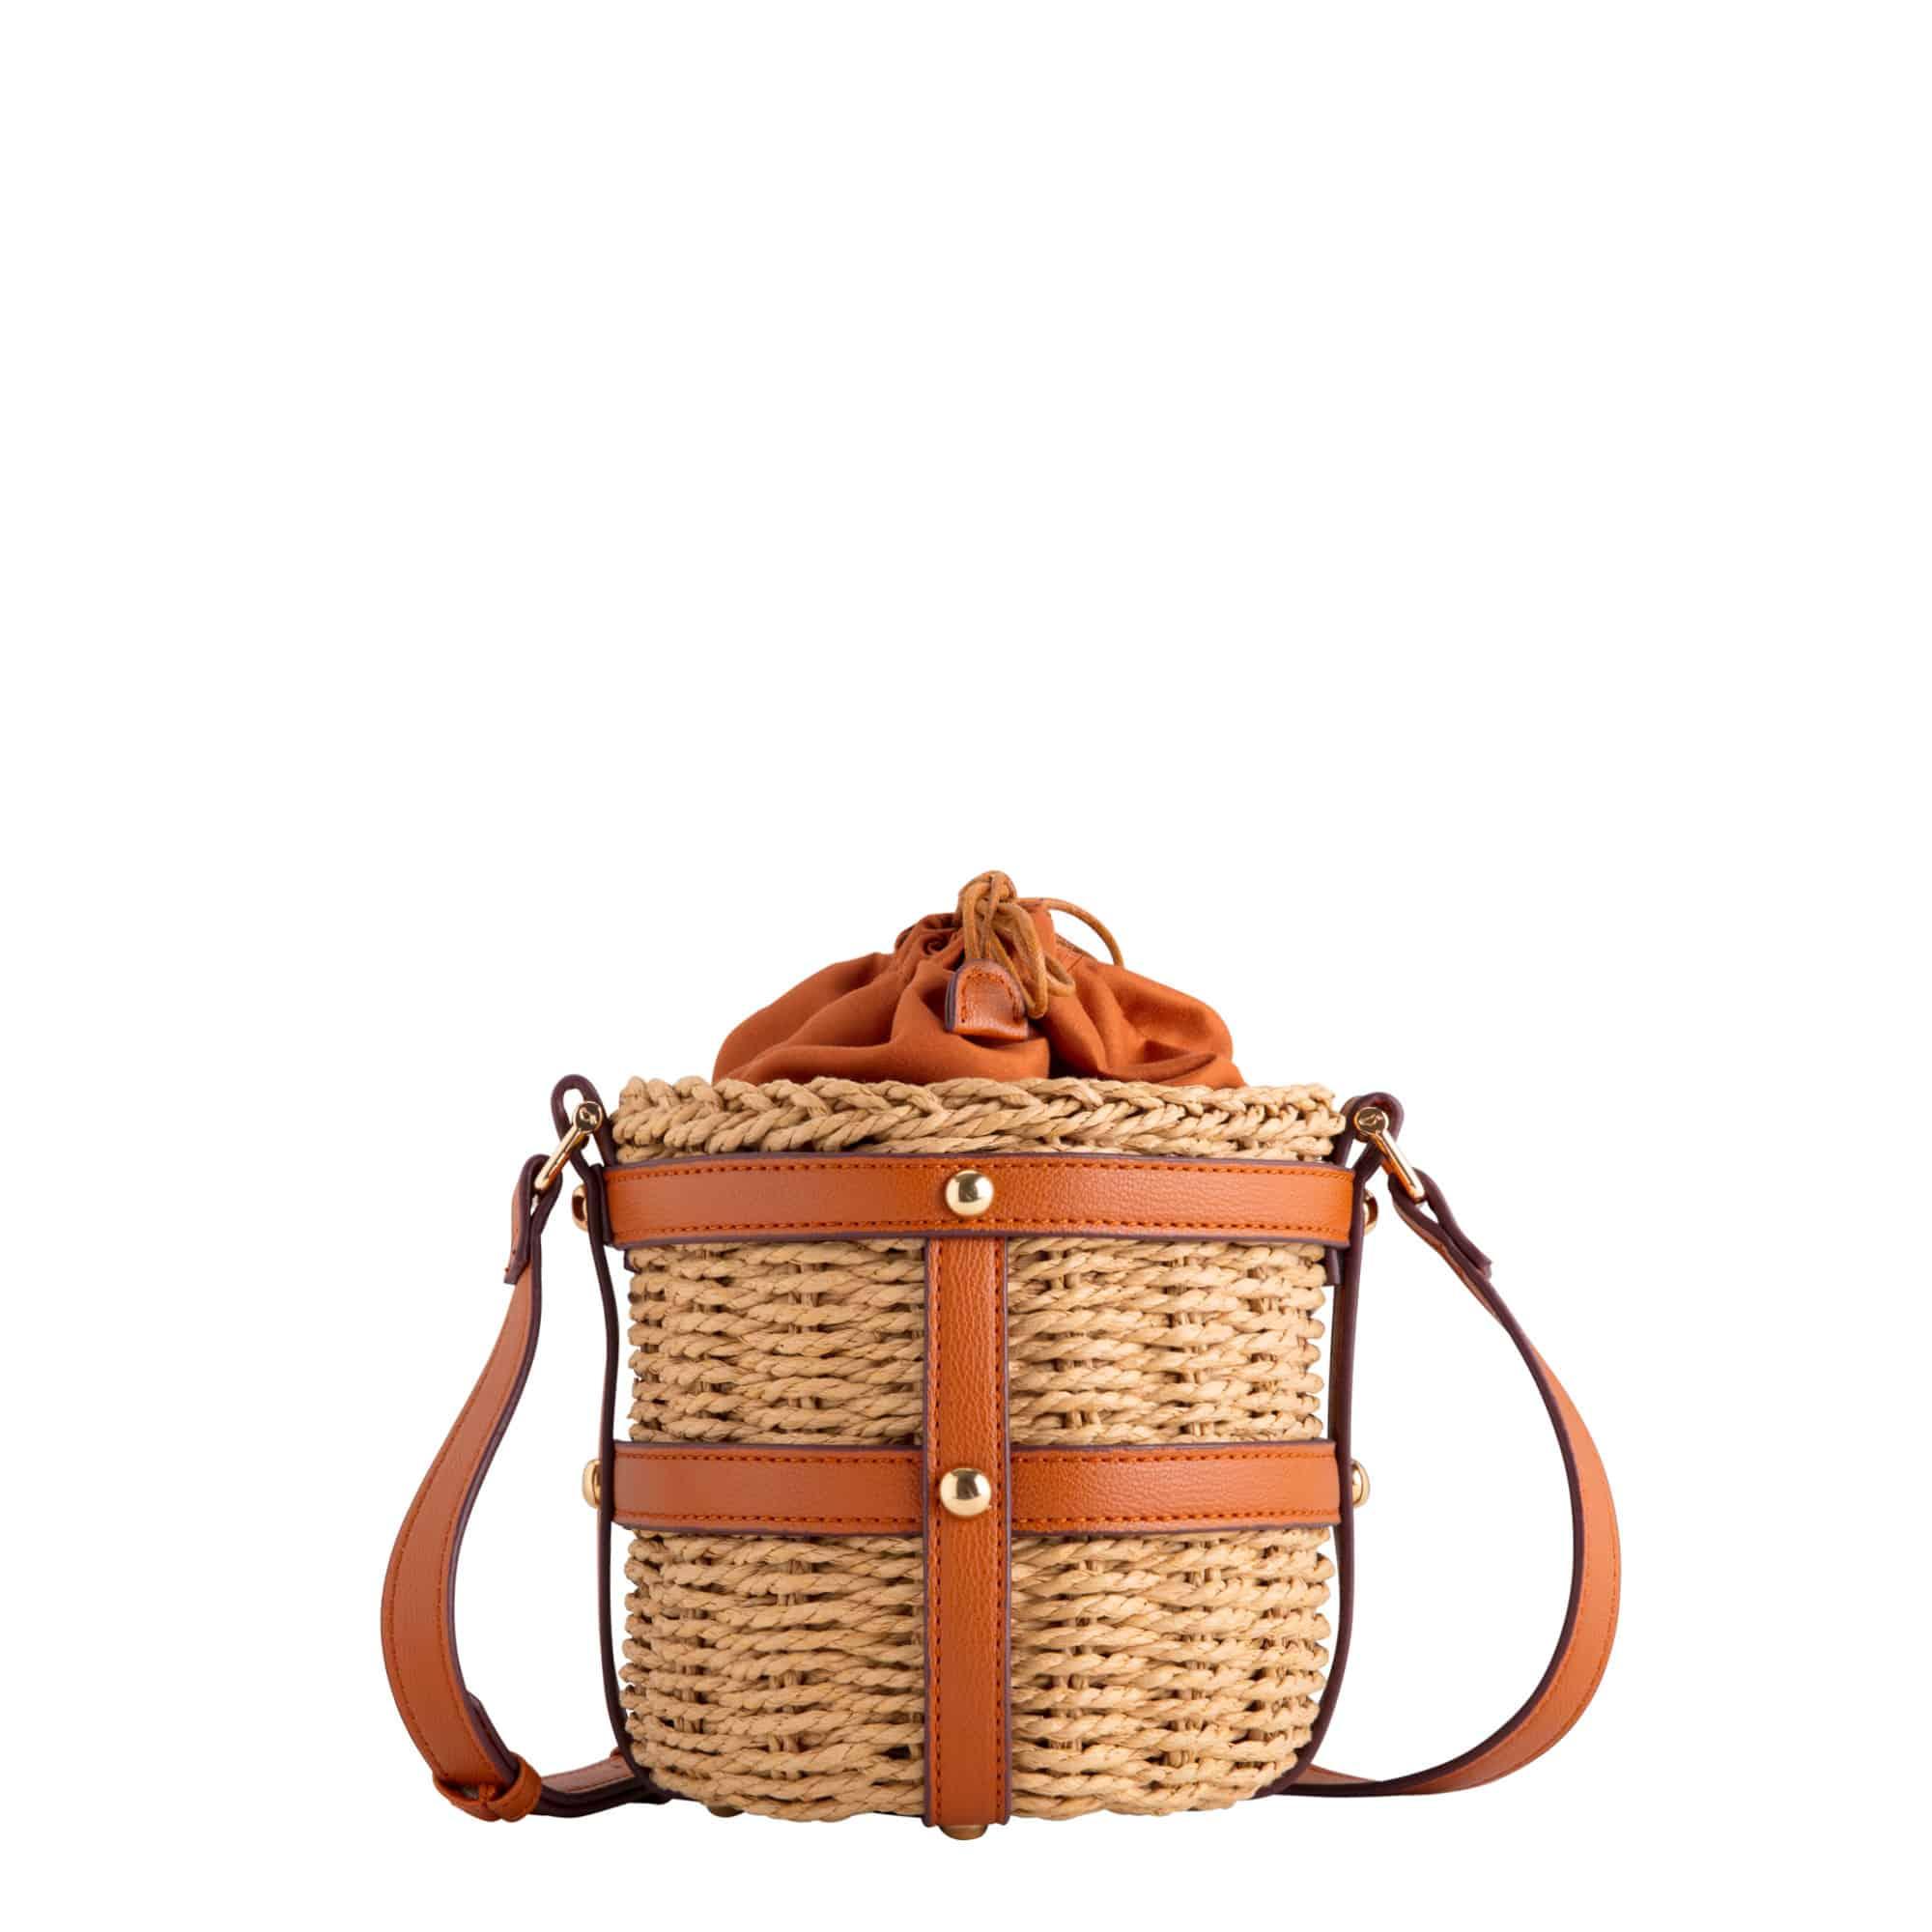 3af30309386c Il catalogo di borse Carpisa 2019 propone modelli piccoli e sbarazzini, ma  anche borse mare più grandi e capienti per ogni esigenza.